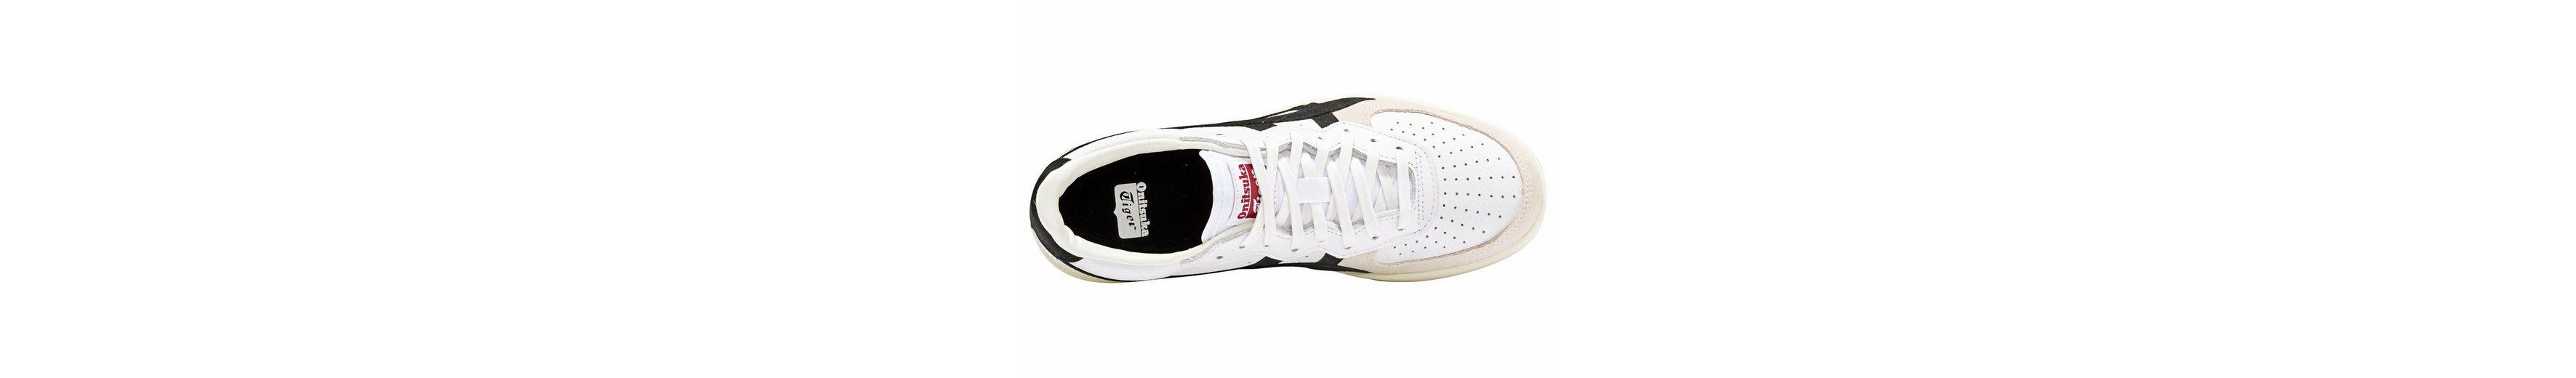 Sast Zum Verkauf Vorbestellung Für Verkauf Asics GSM U Sneaker Günstiger Preis Zu Verkaufen hZ1qWB